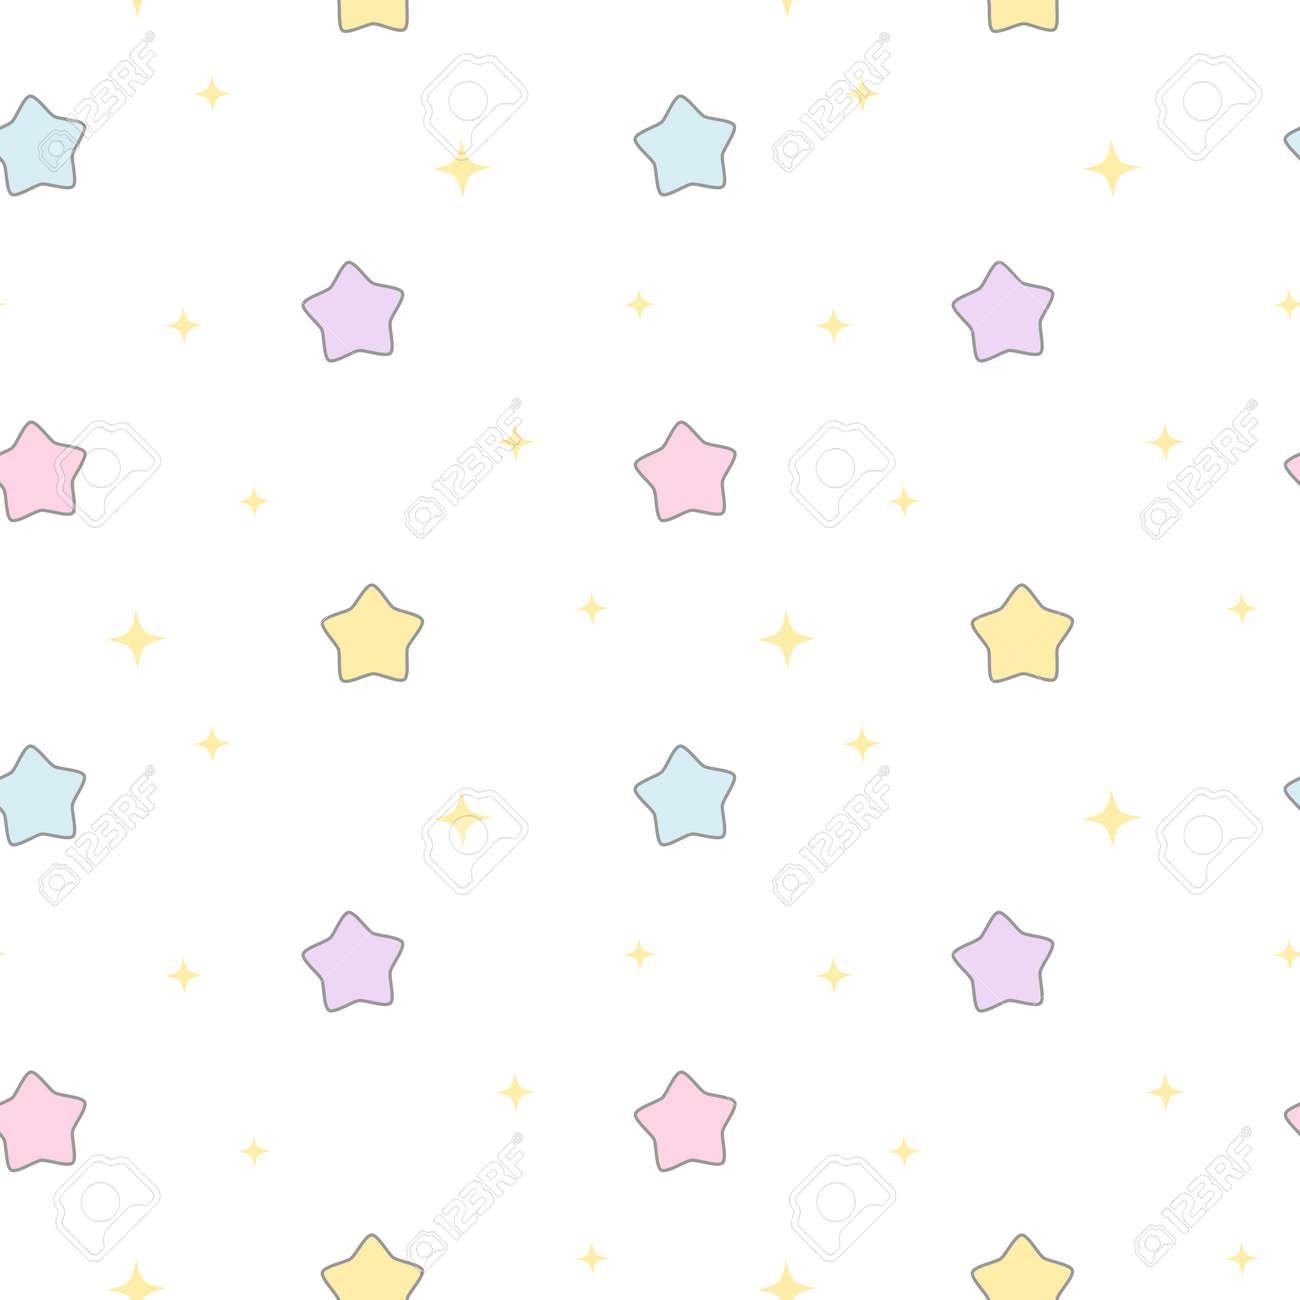 カラフルなかわいい漫画パターンのシームレスな星ベクトル背景イラスト